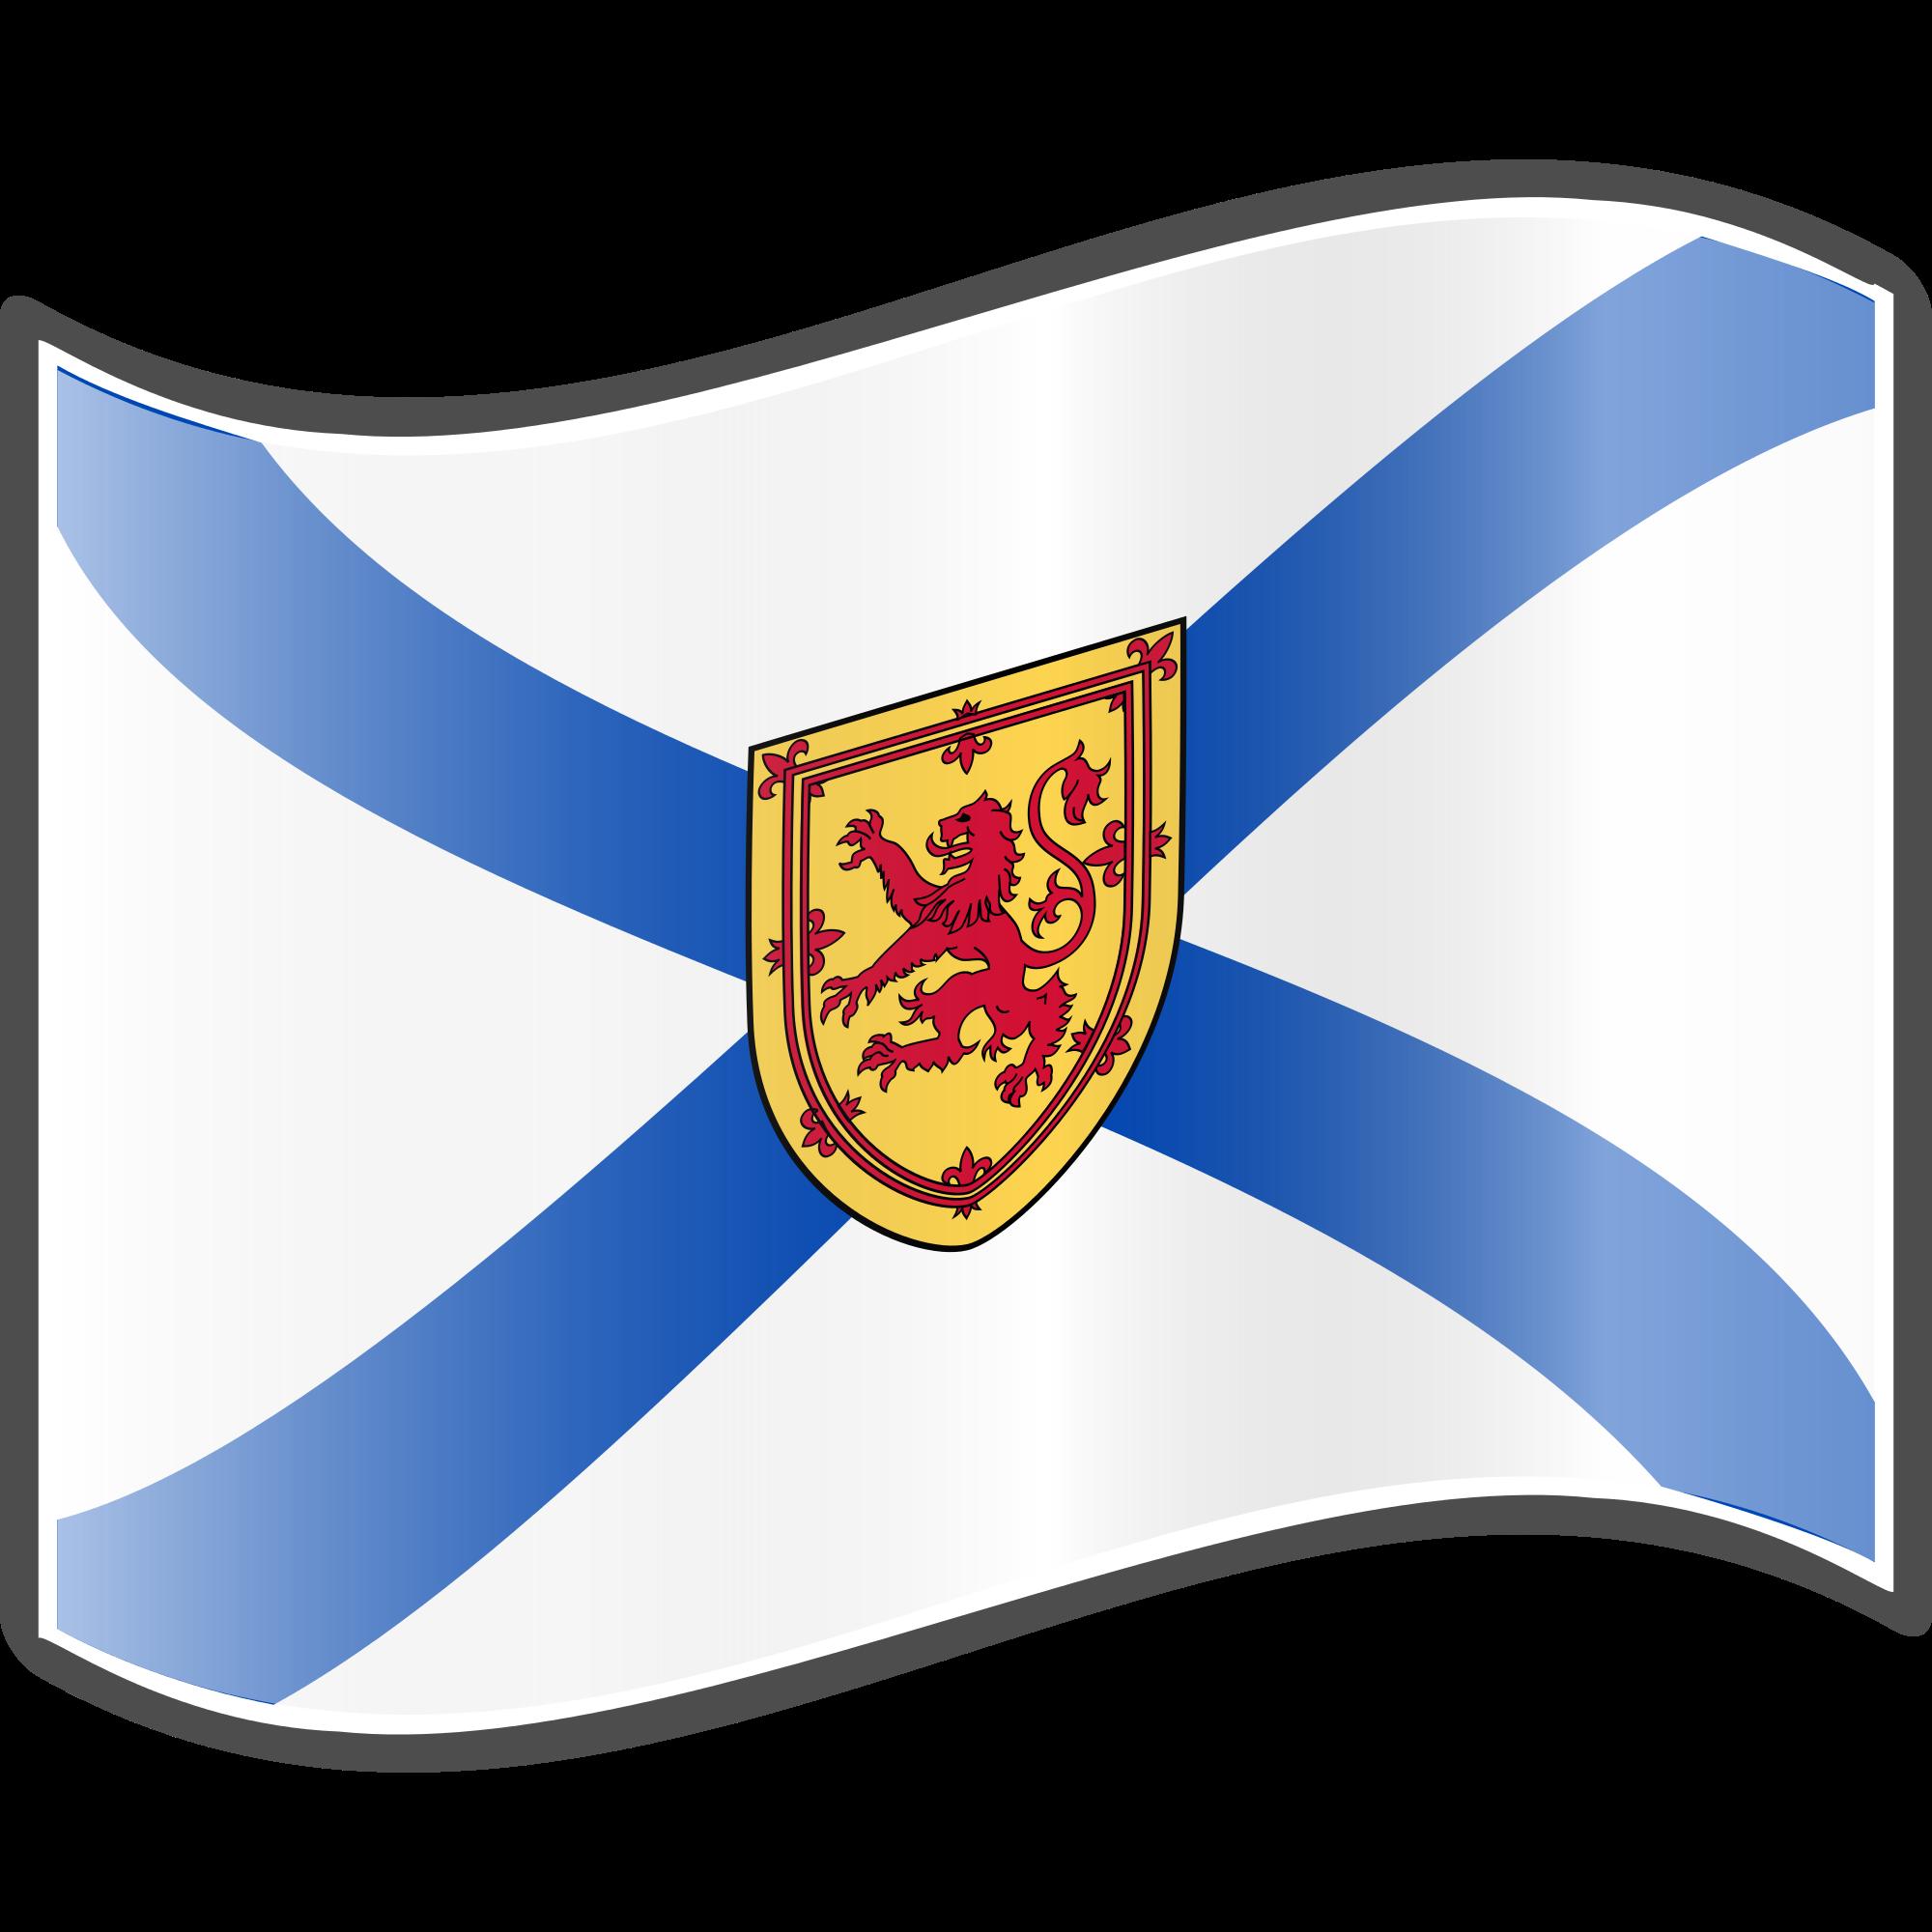 2000x2000 Flag Clipart Nova Scotia